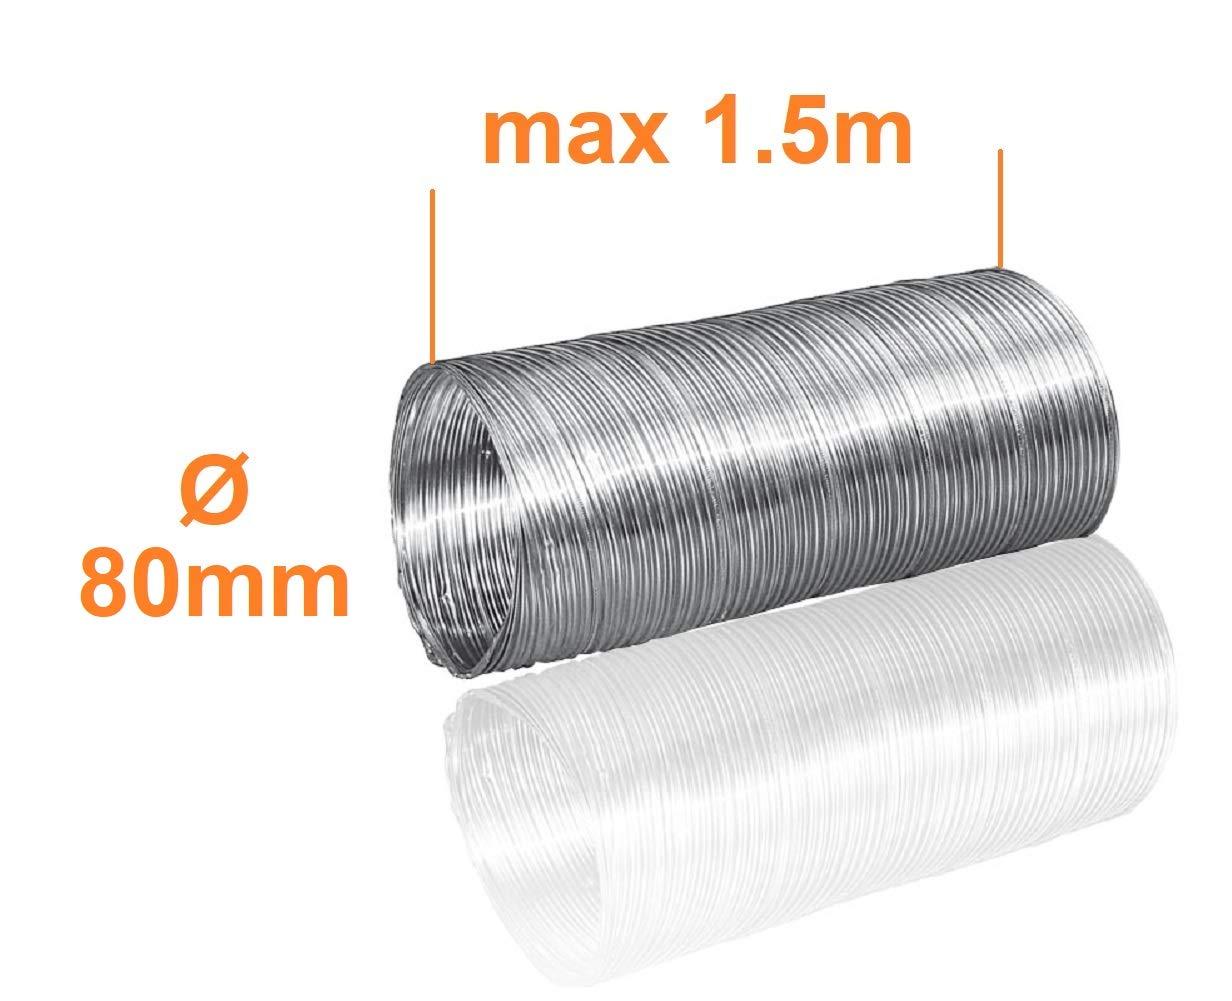 /Ø 80mm L/änge 1.5m Alu Flexrohr Alurohr Flexschlauch Schlauch Aluflexschlauch Flex-Schlauch L/üftungsrohr